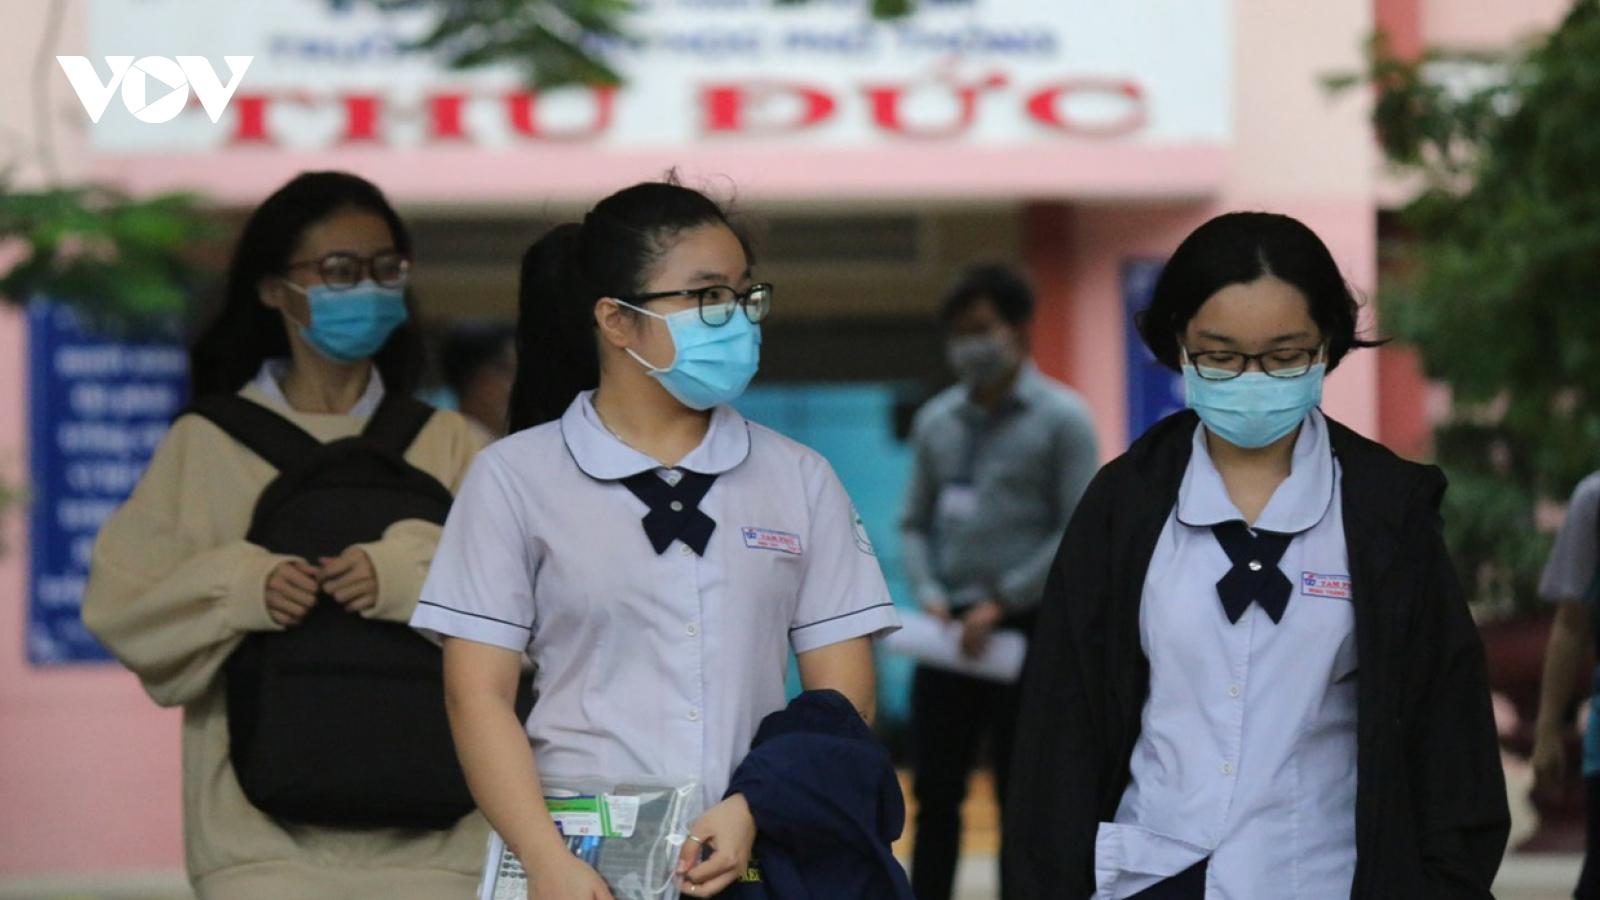 Đạihọc Quốc Gia TP.HCMkhông tổ chức kỳ thi Đánhgiá năng lựcđợt 2 năm 2021